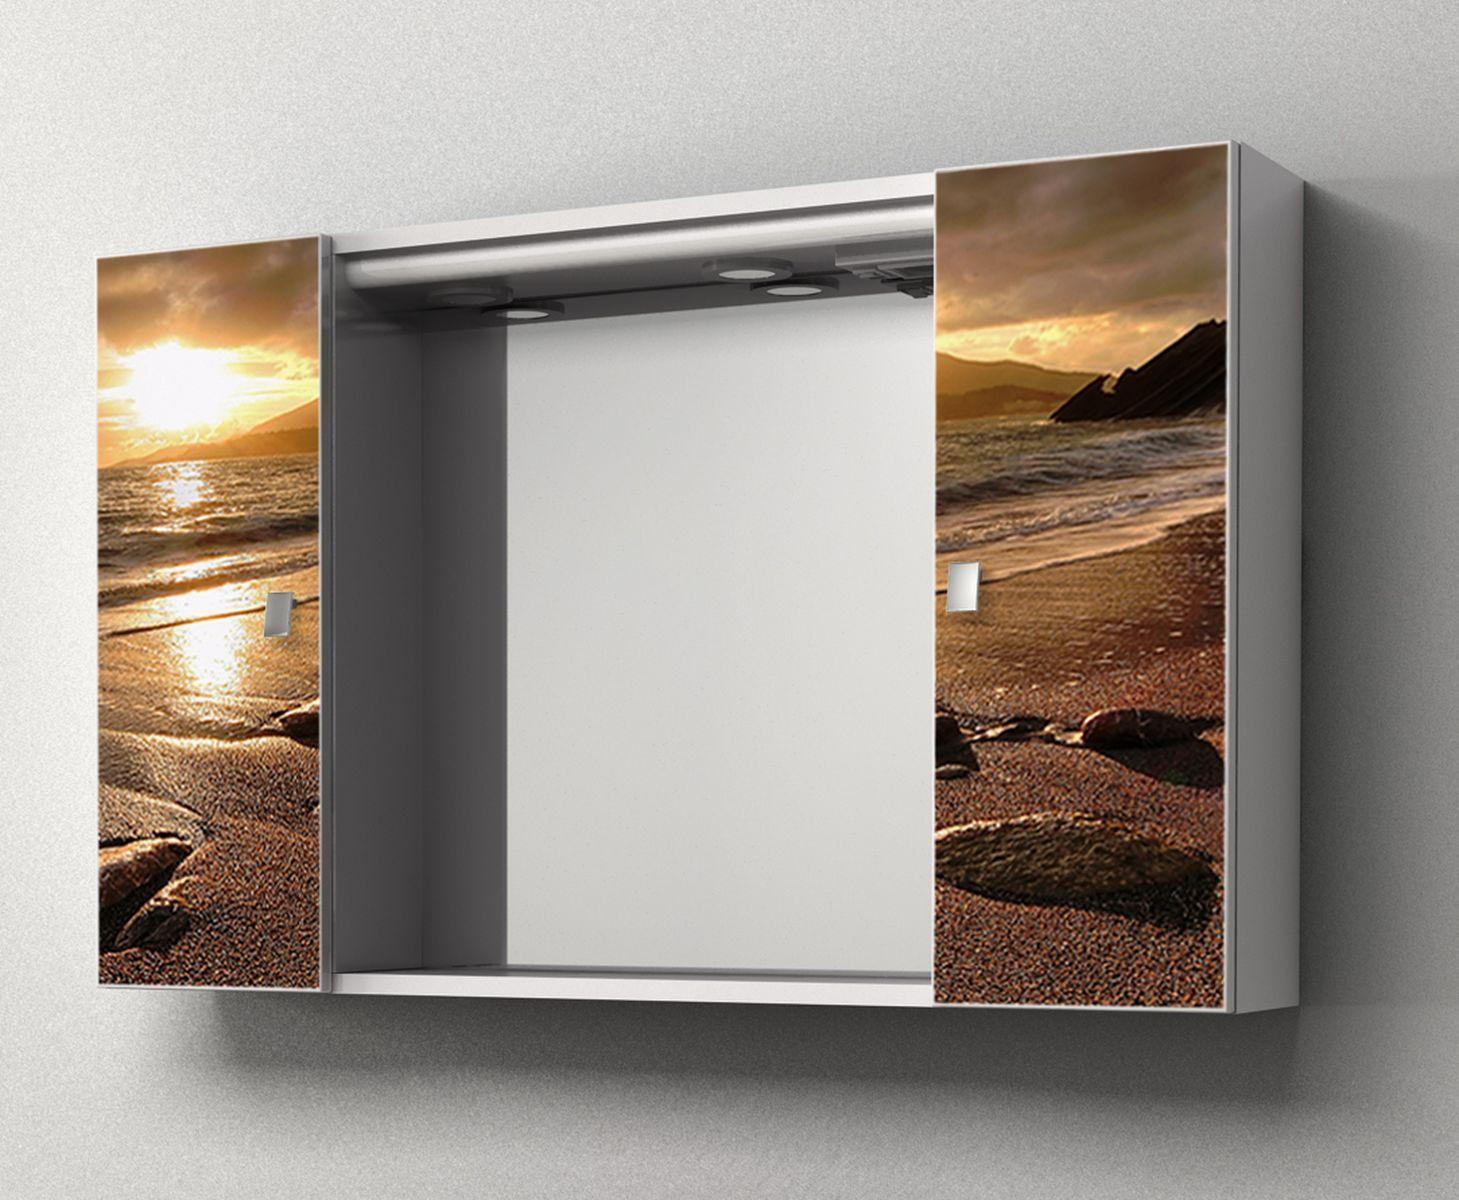 Specchiera contenitore da bagno yellow 94x60hx17 cm specchio centrale ante con stampa - La stampa specchio ...